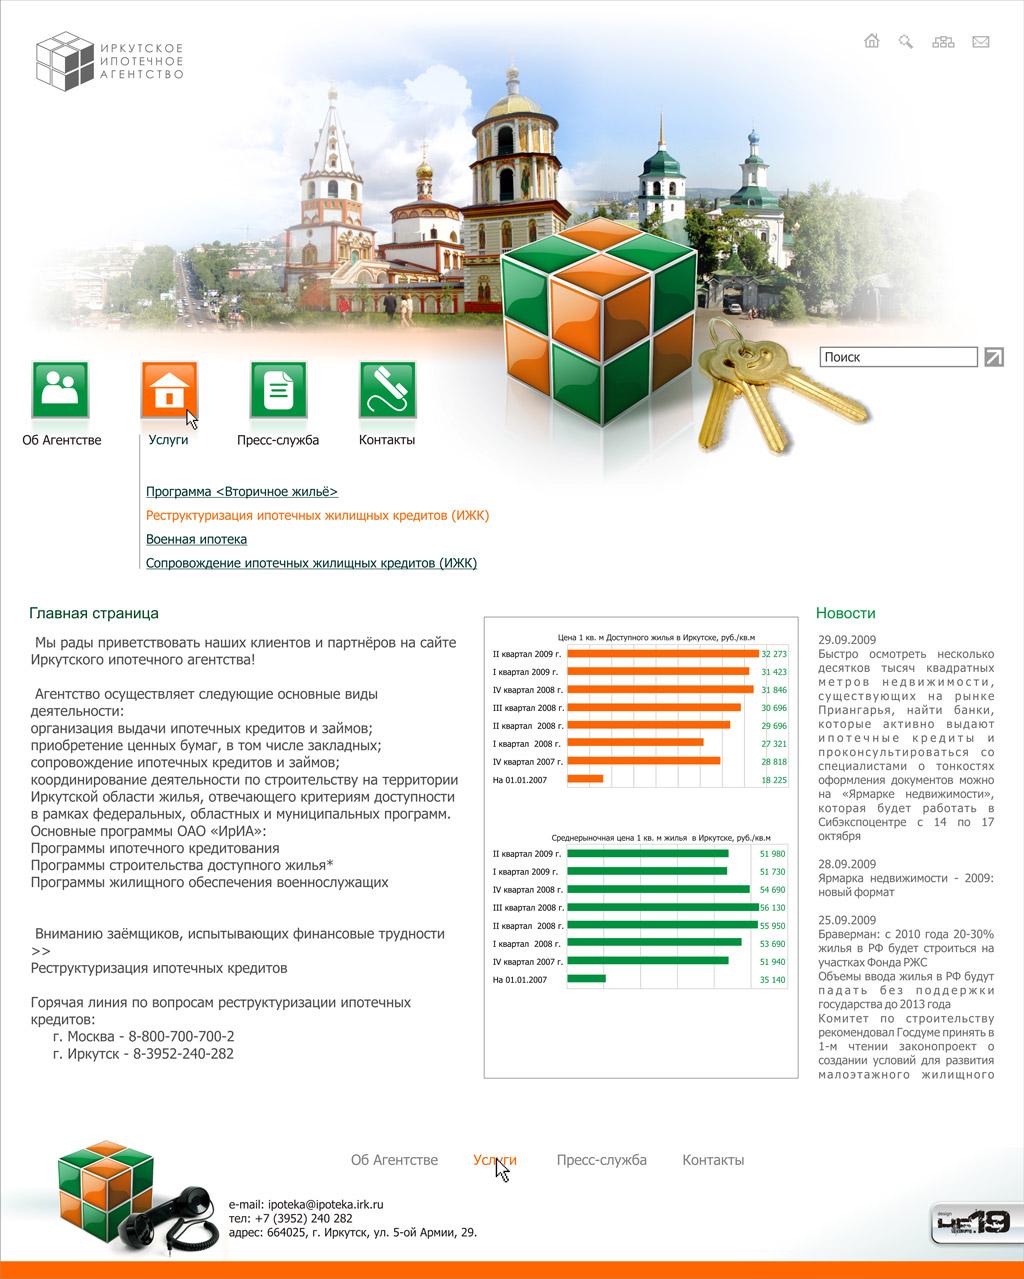 сайт Иркутское ипотечное агентство